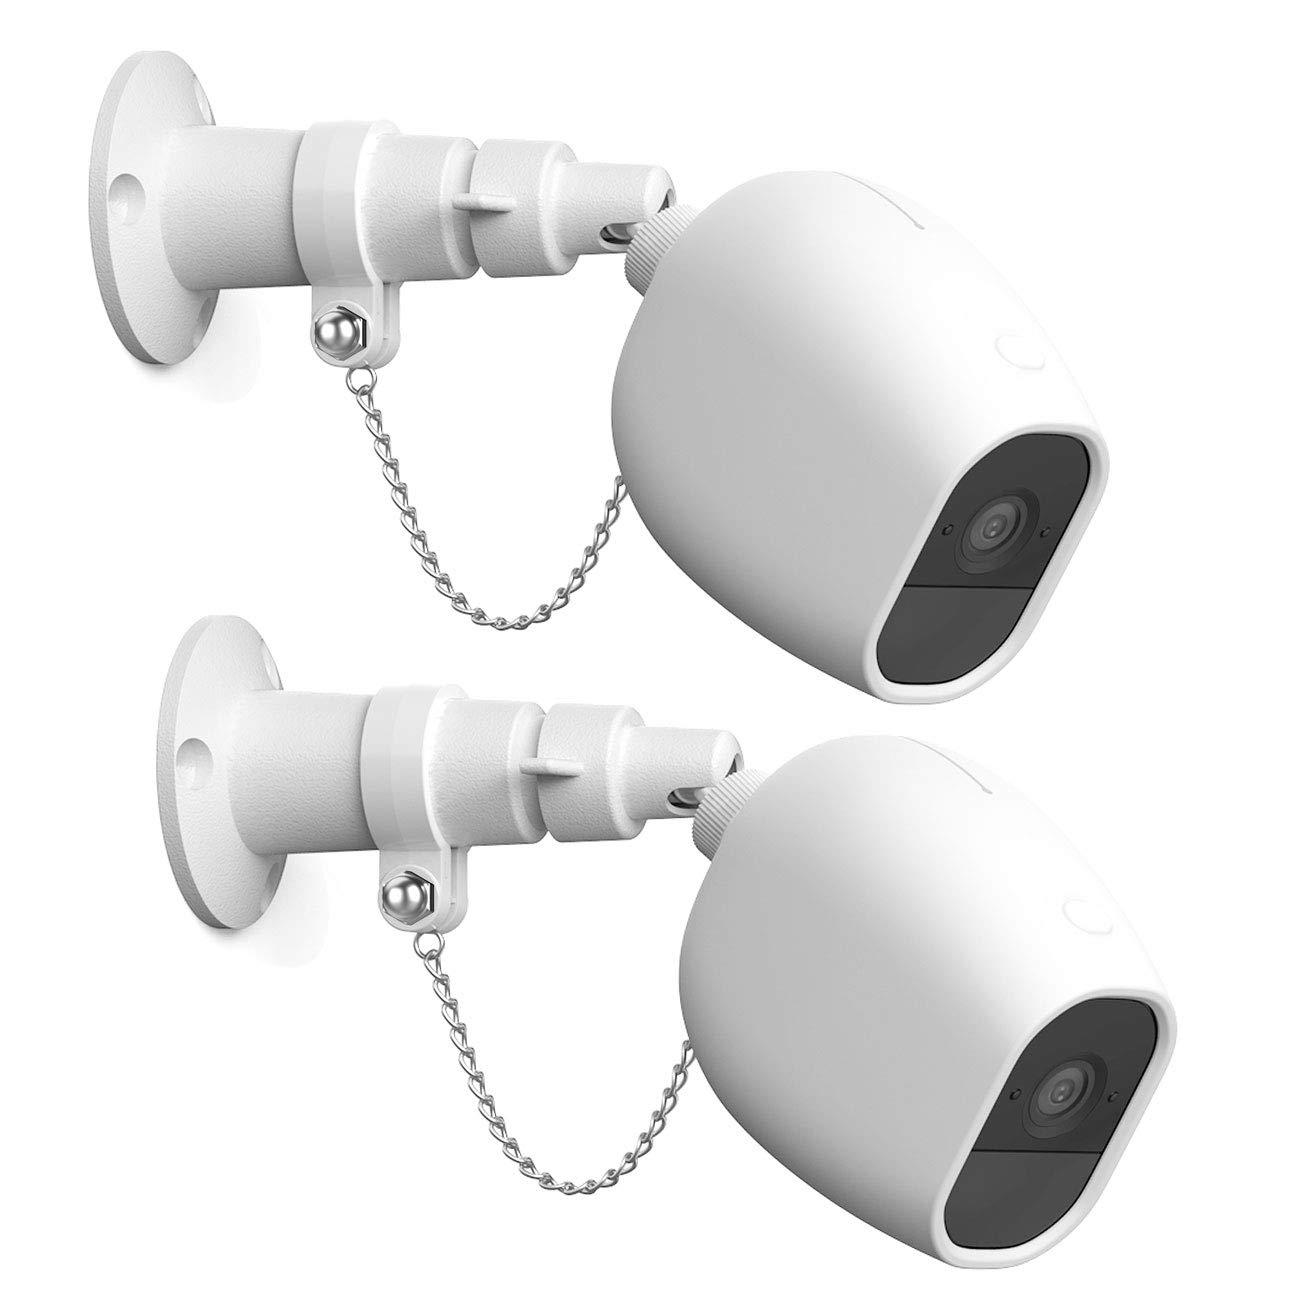 Halterung f/ür Arlo Pro 2 und Arlo Pro Verstellbare Indoor//Outdoor Halterung mit Anti-Diebstahl-Kette und Wasserdichter Arlo Pro 2 Skin Wei/ß 2 Packe